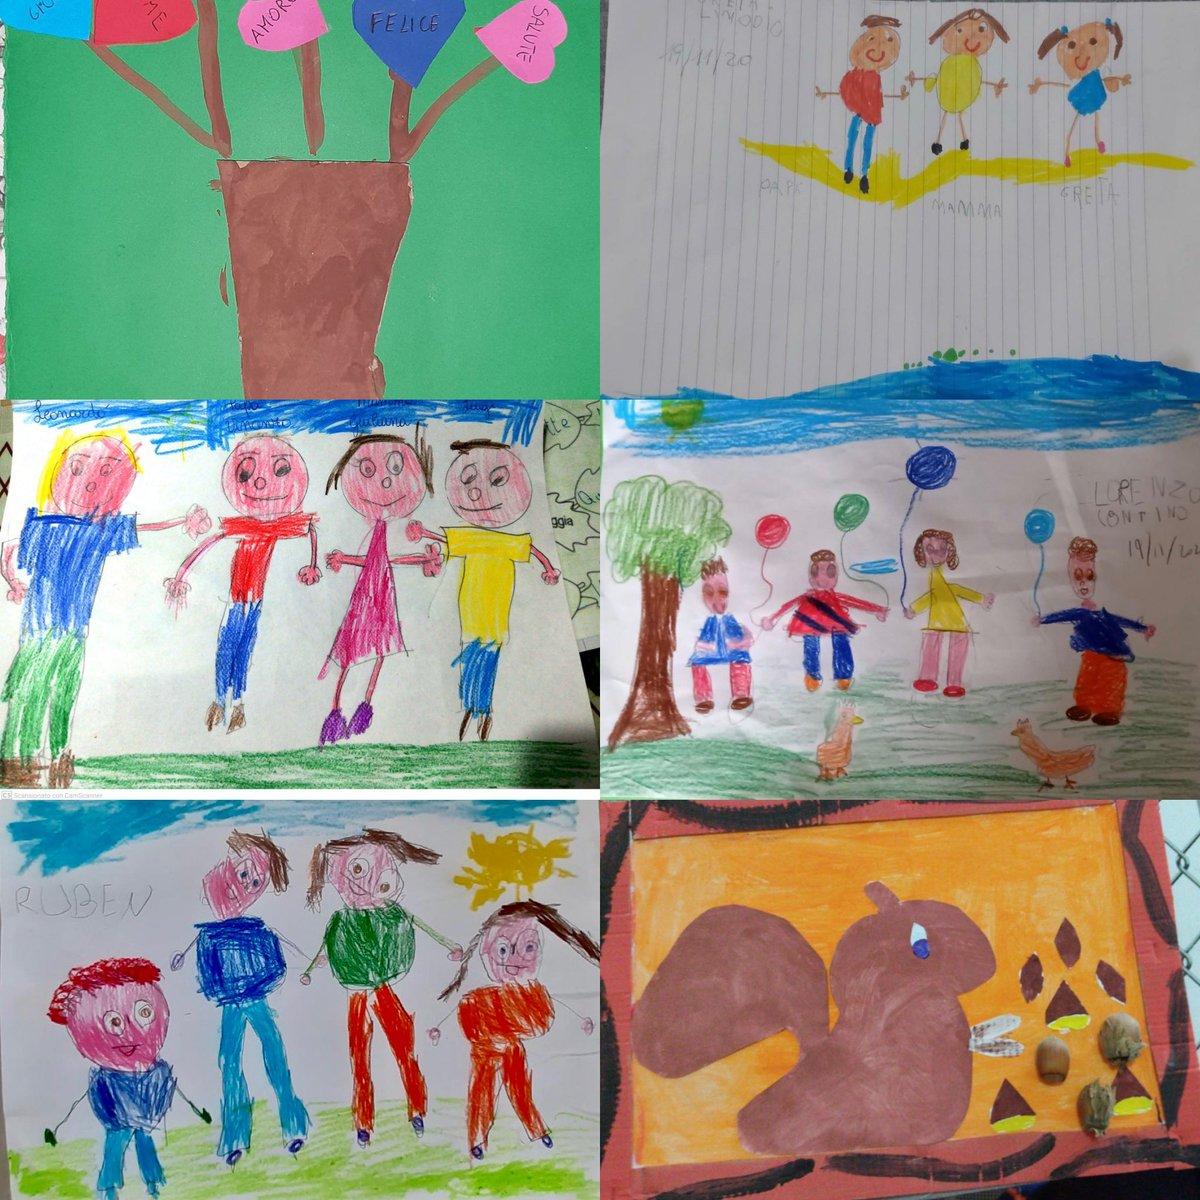 Halloween - S. Martino - Giornata degli alberi e dei Diritti dei bambini https://t.co/L7u5gBQG87